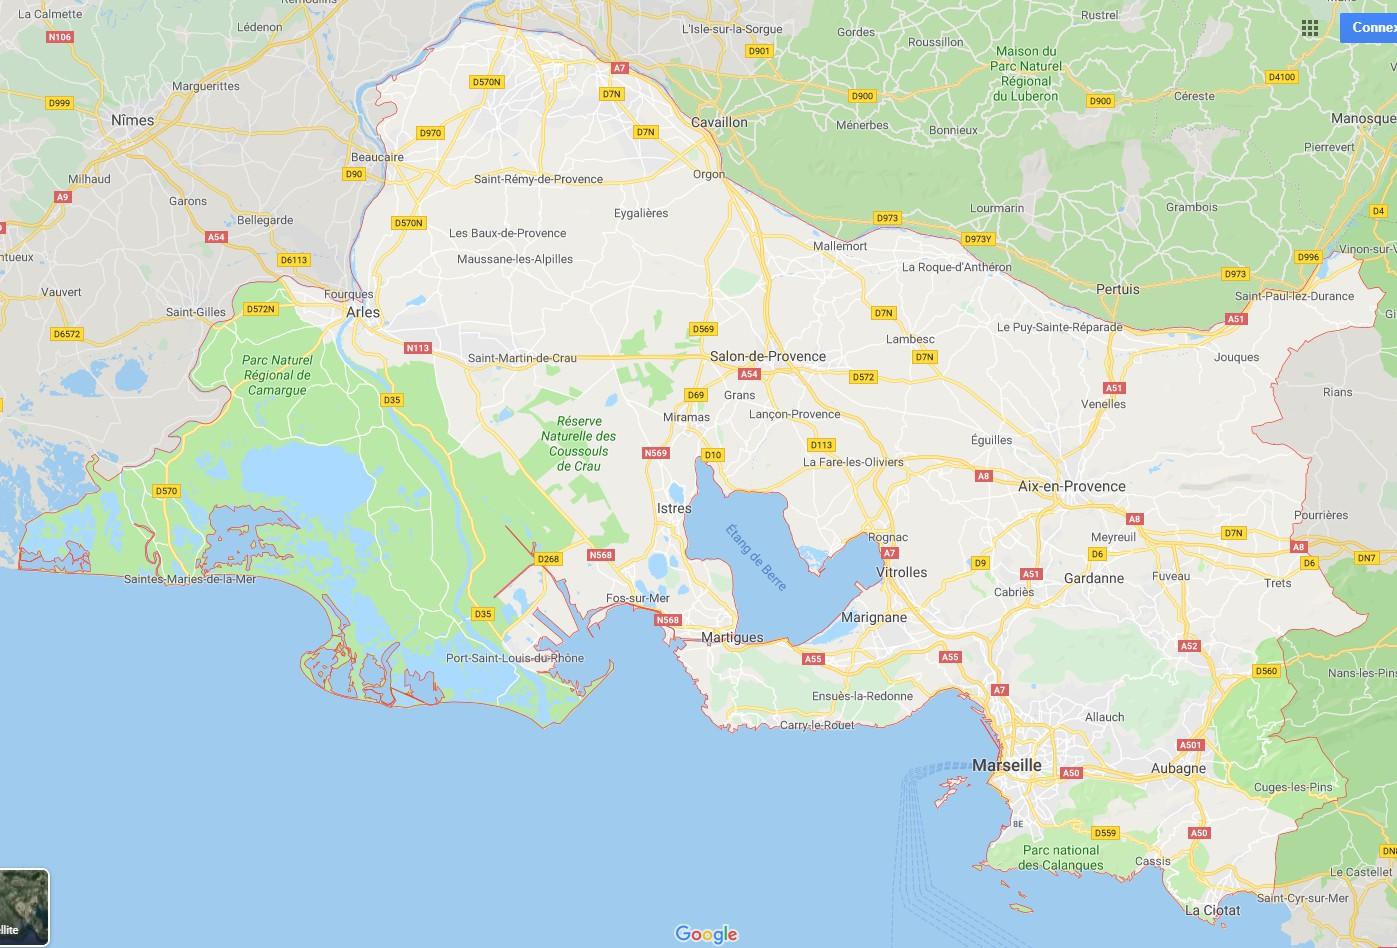 Carte Des Bouches Du Rhône Communes Détaillée Relief